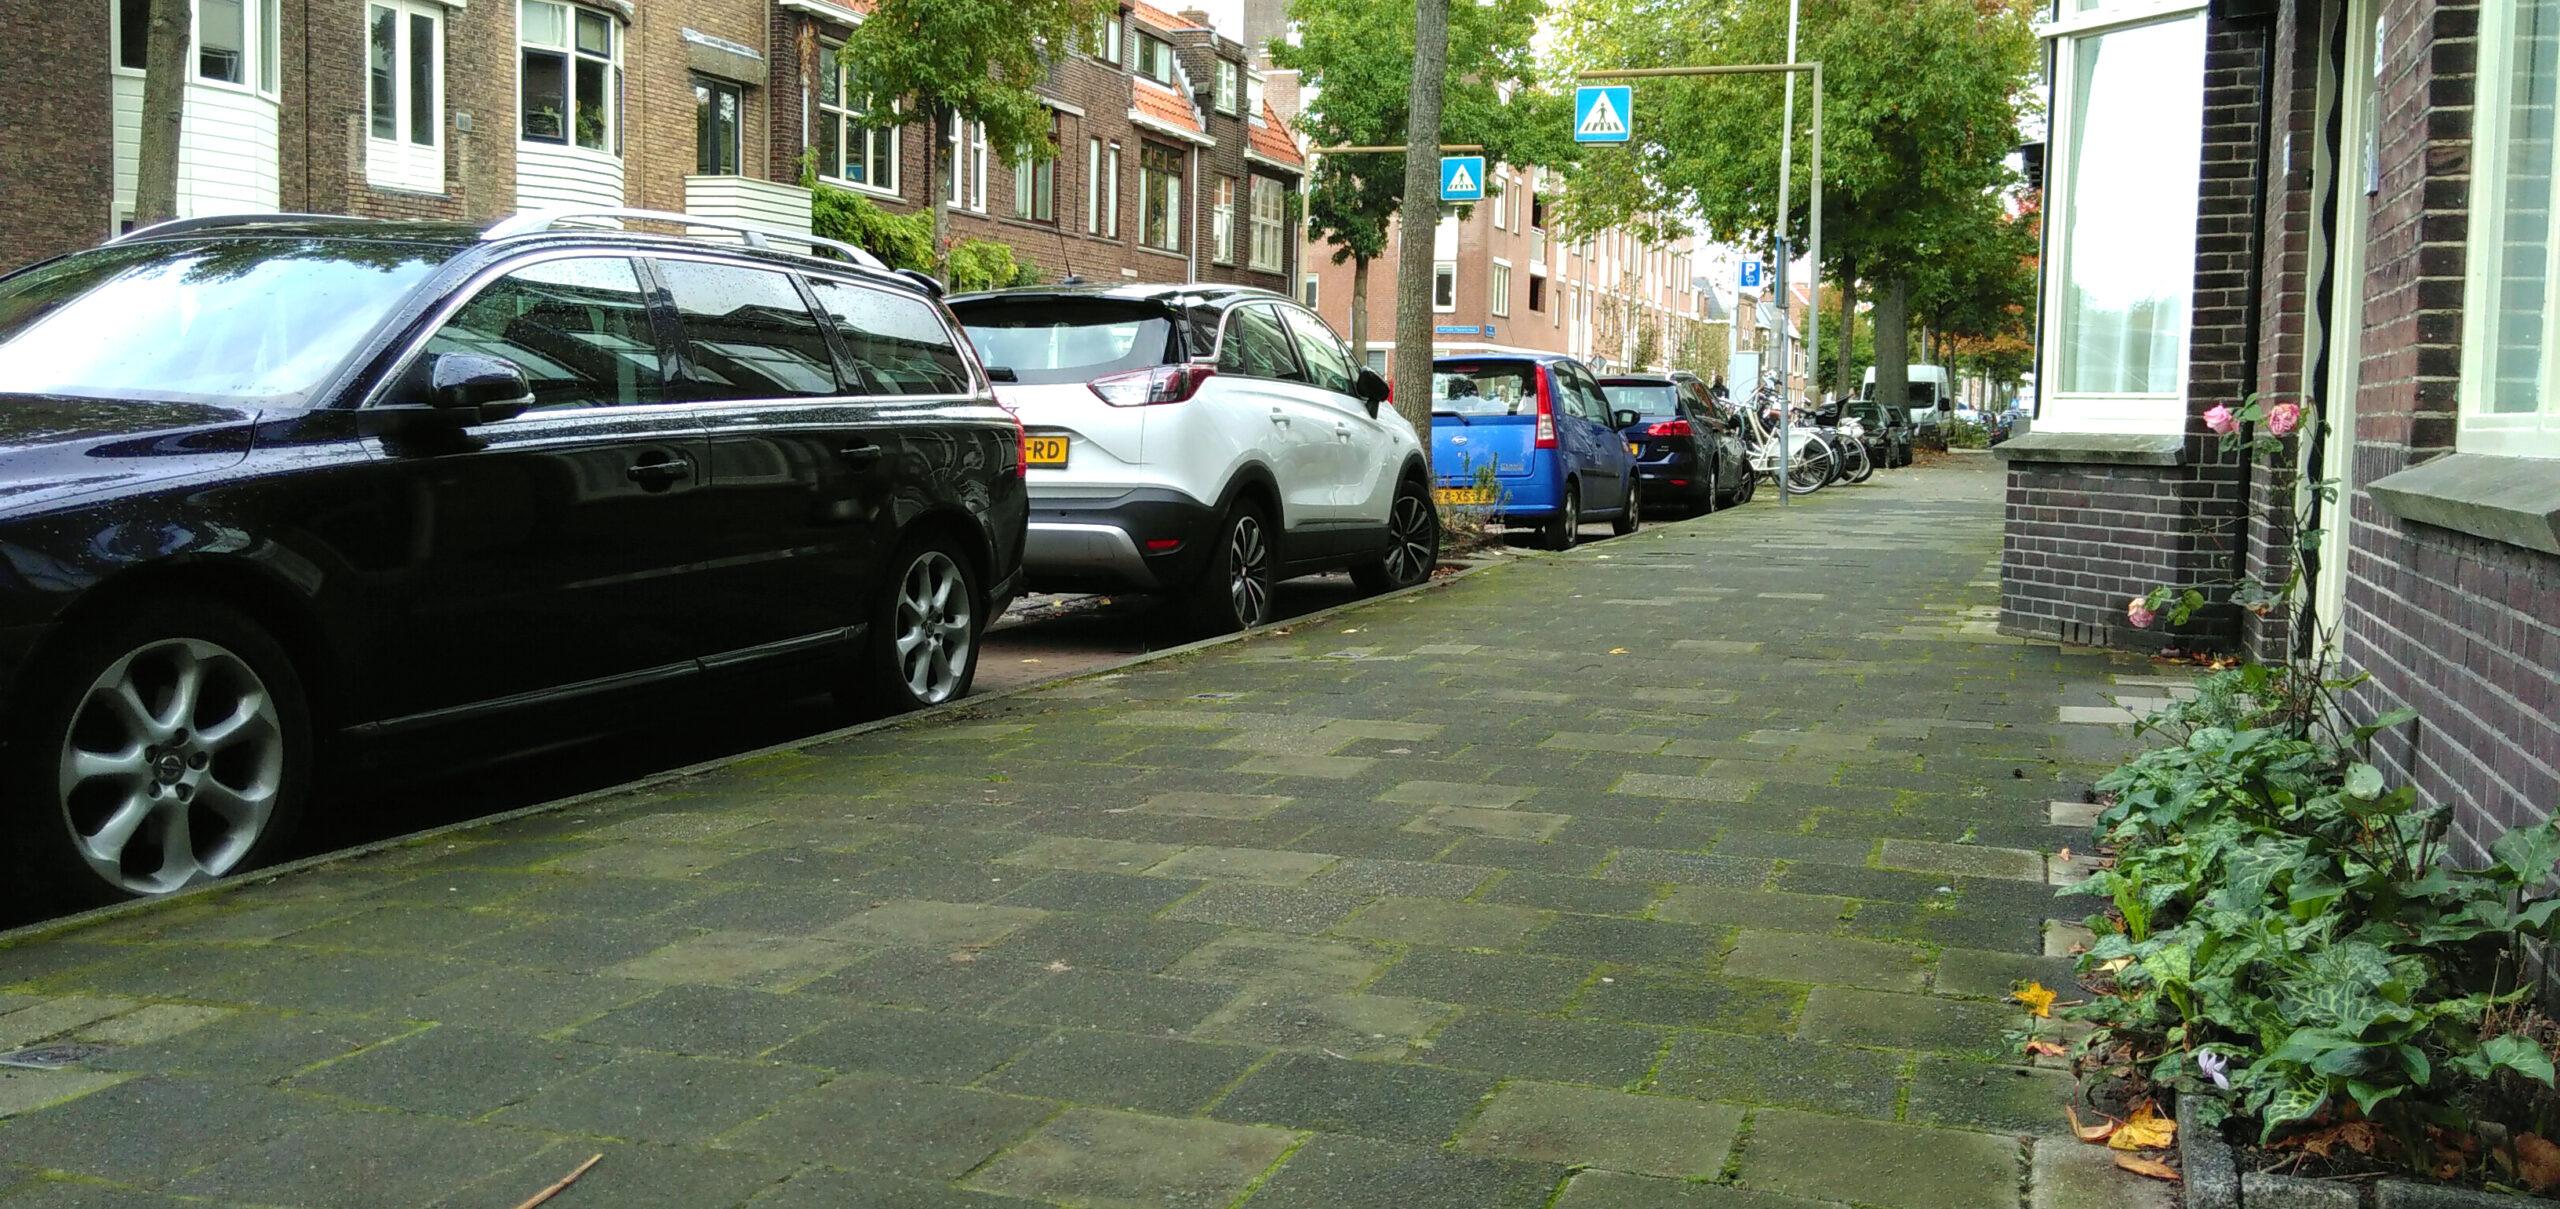 Wat als deze straat minder auto's in zouden staan en meer groen?